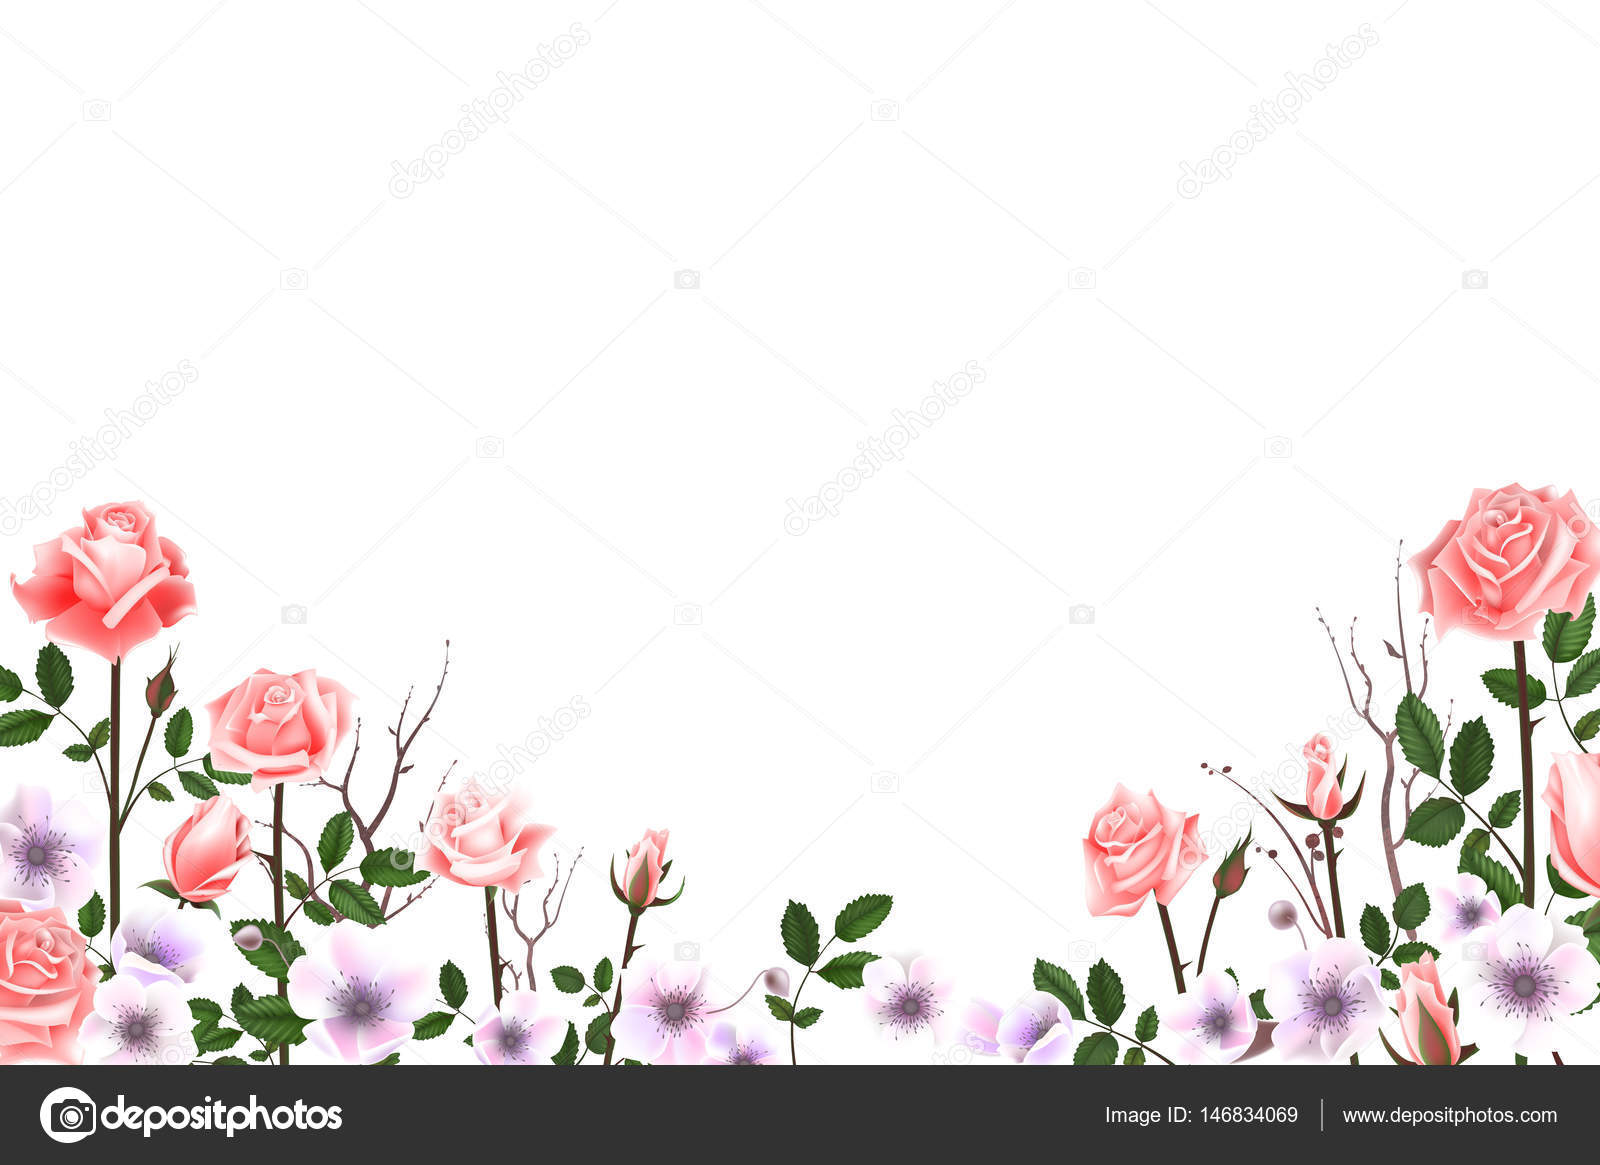 Felicitaciones De Cumpleaños Con Flores: Fotos: Flores Para Tarjetas De Cumpleaños